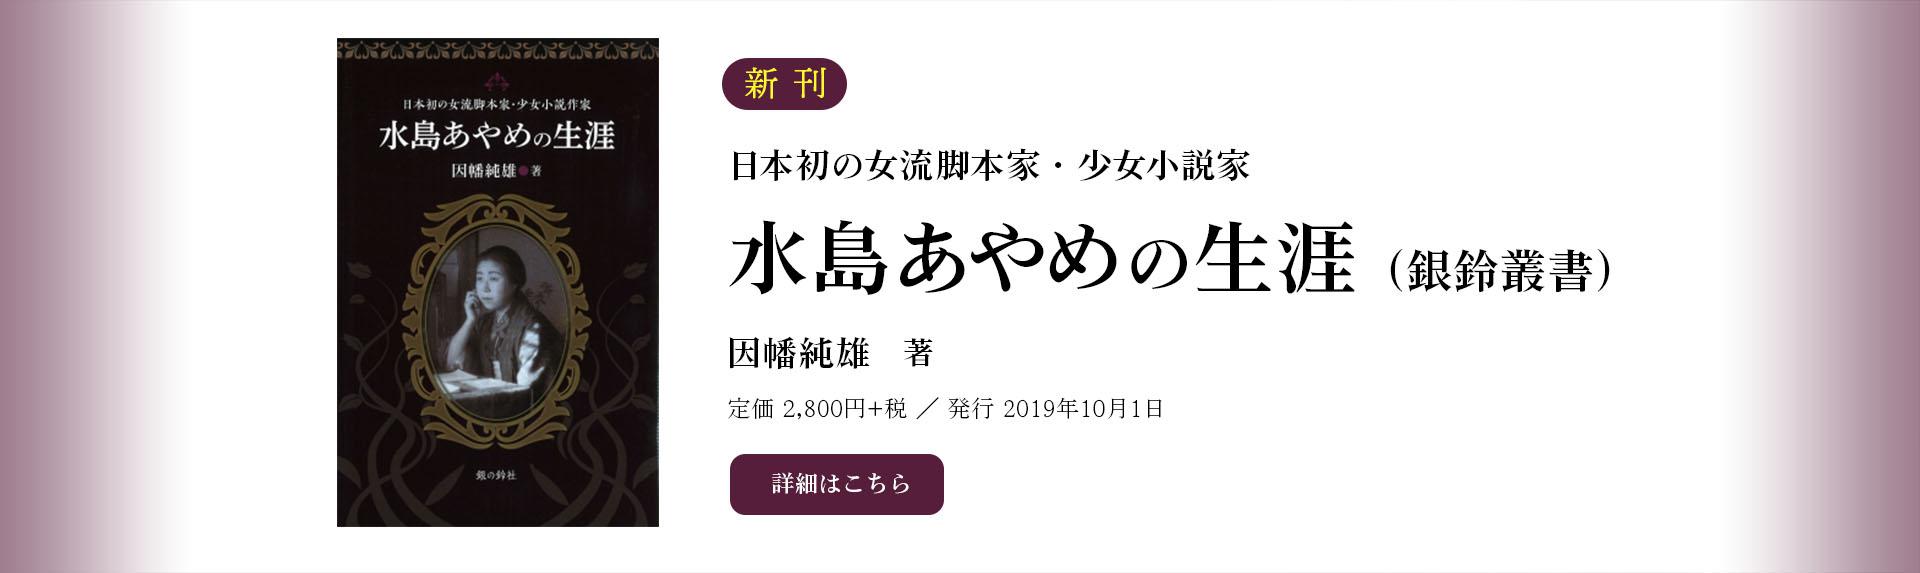 小説 ブログ